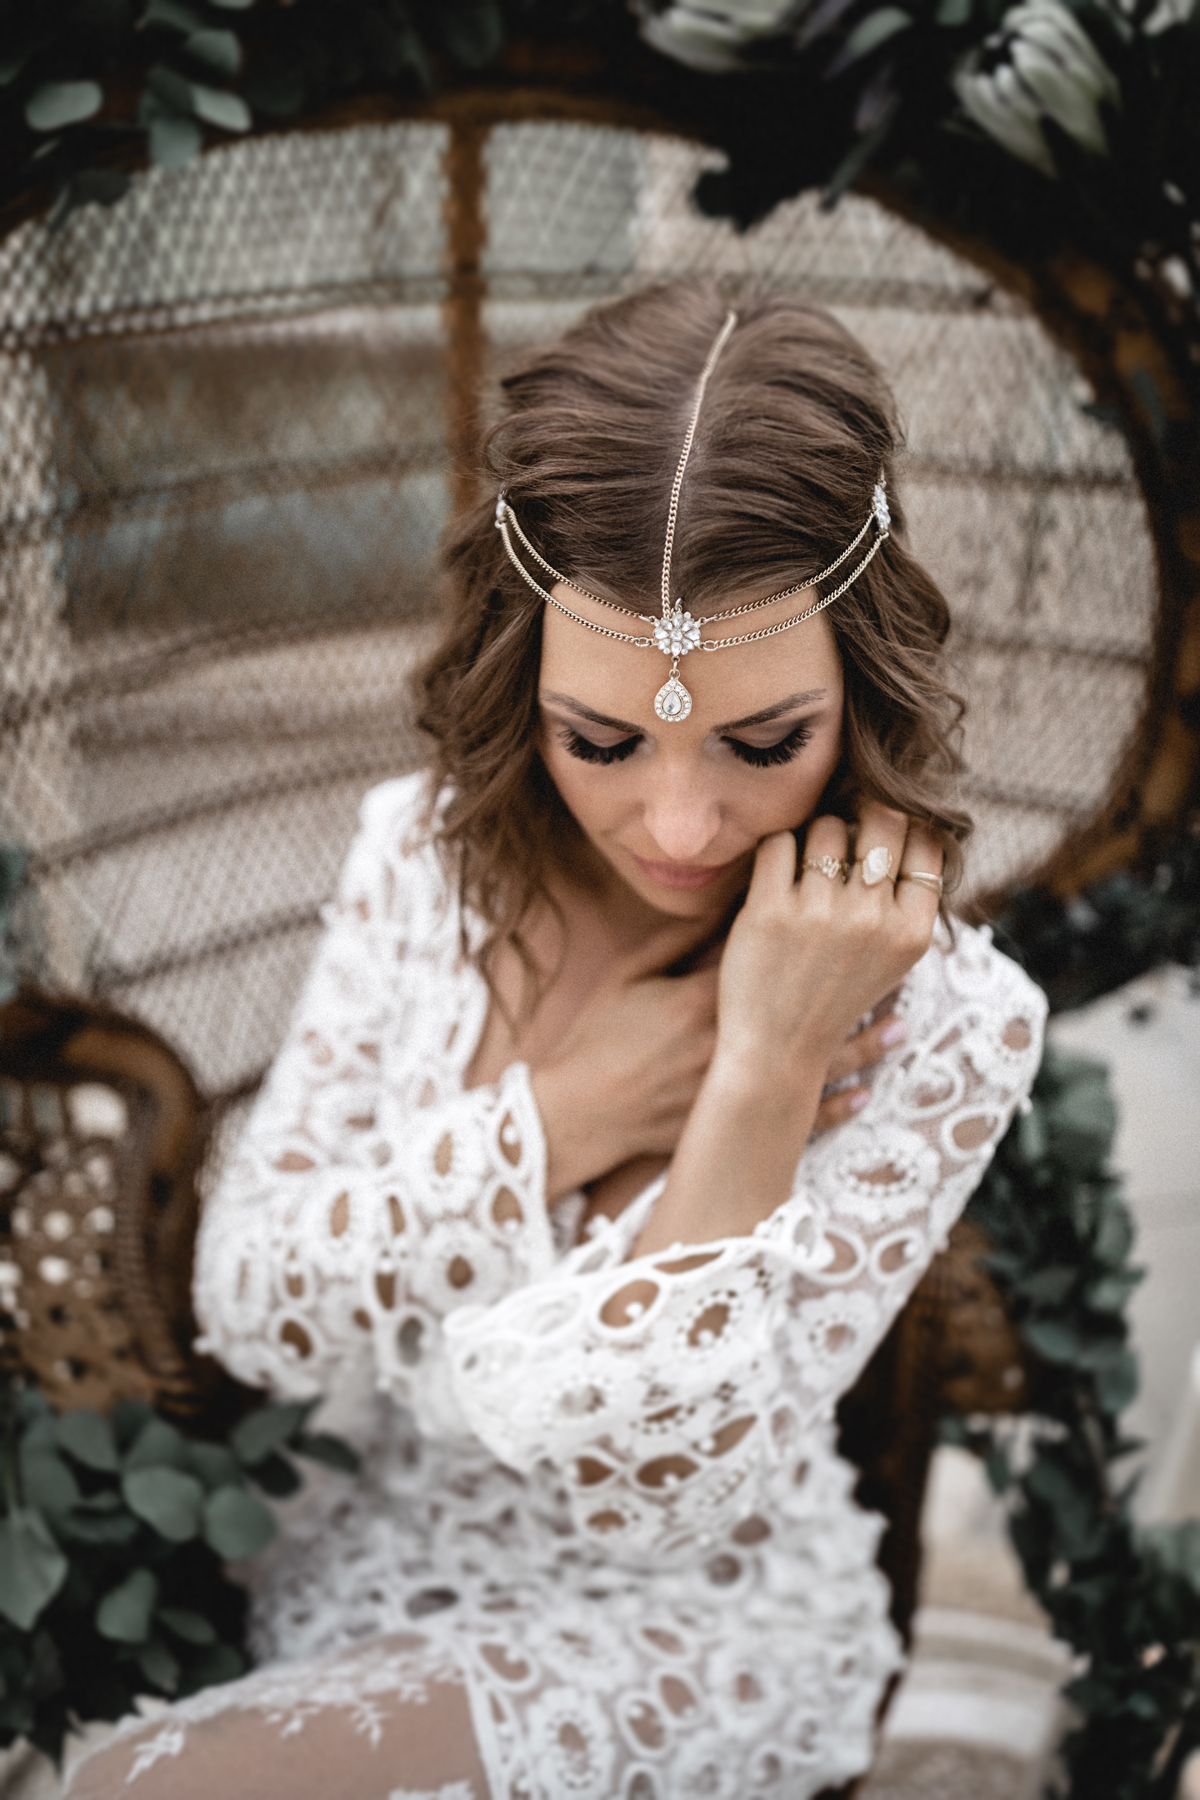 Andreas_Nusch_Hochzeitsfotografie_Brautshooting_2017_JA-Hochzeitsshop_0091